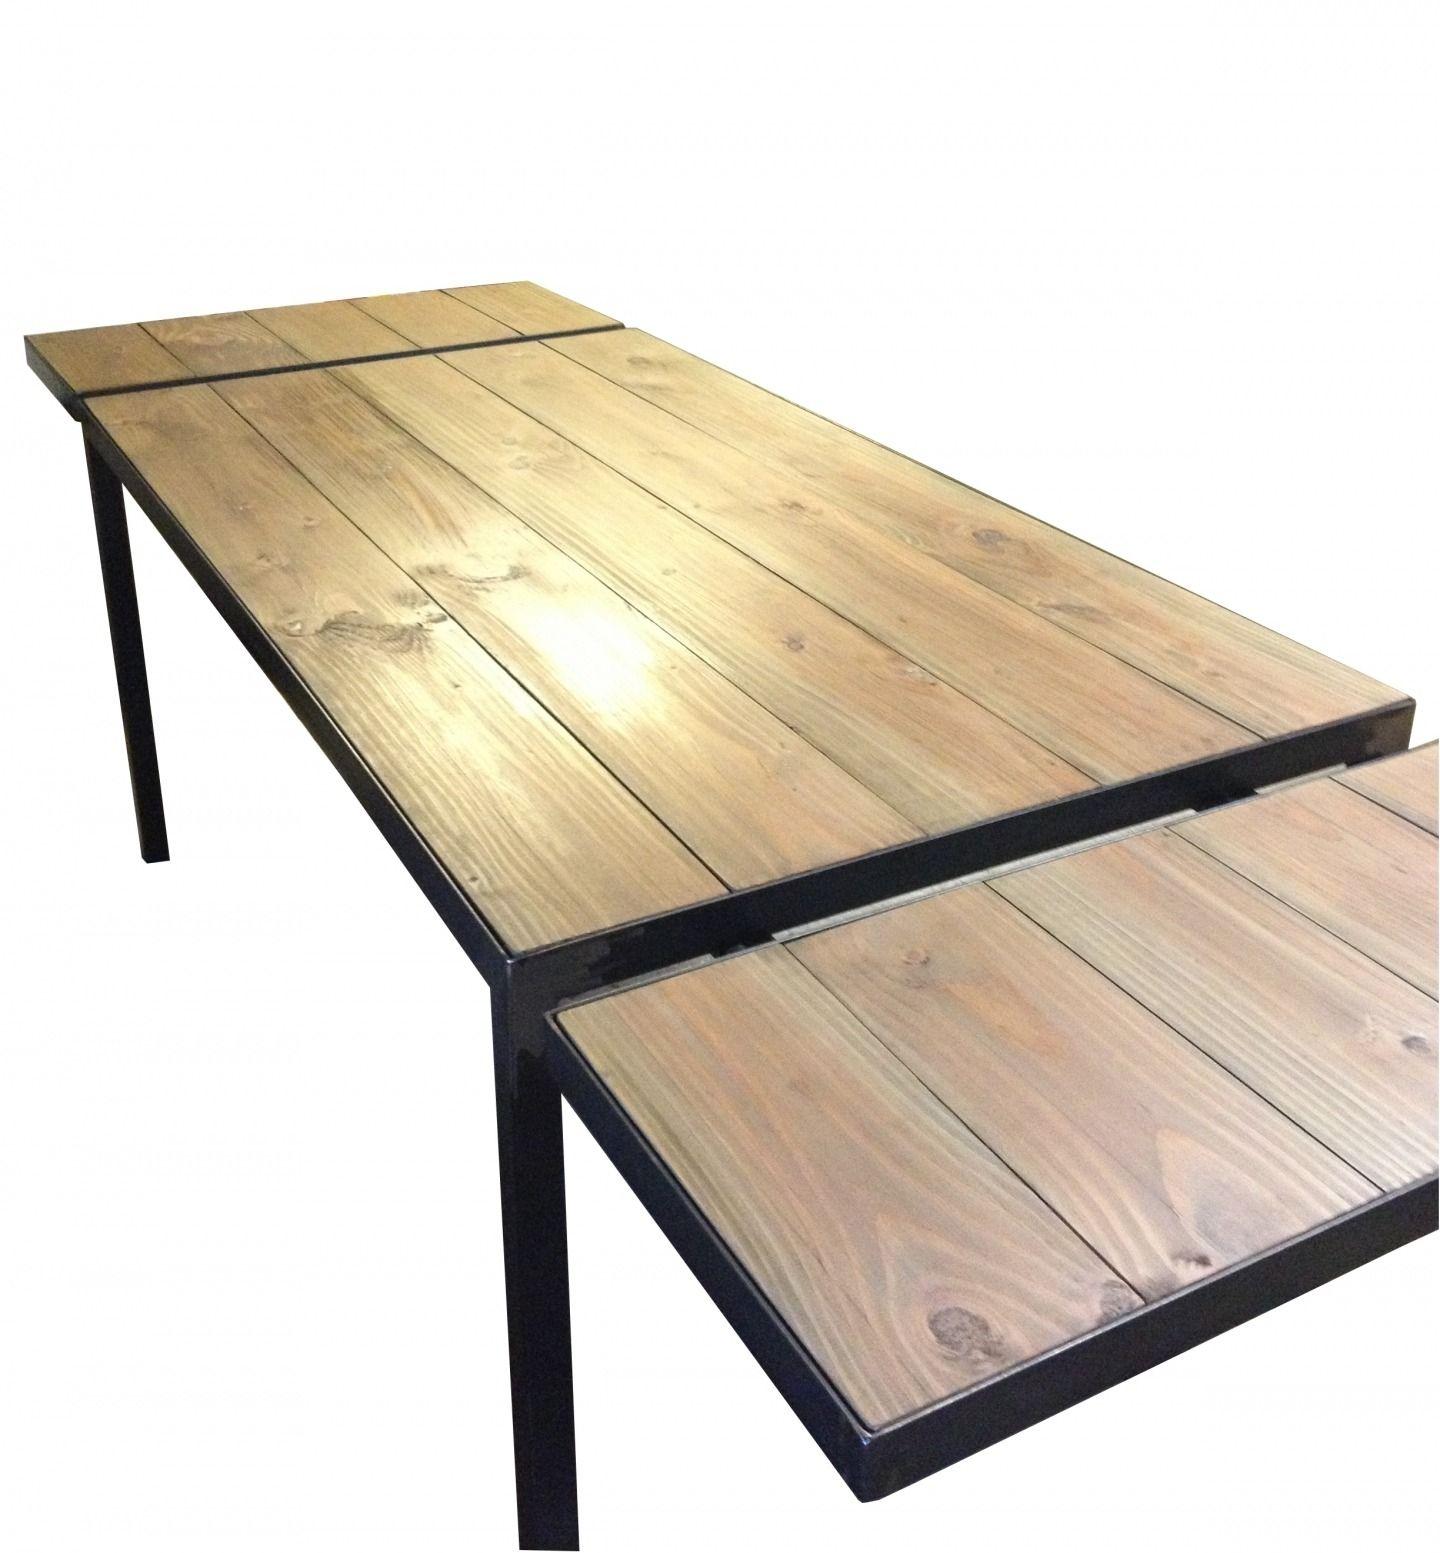 337da35fd7a997e87bb1cfd3f29d7b51 Incroyable De Table Rectangulaire Conforama Conception